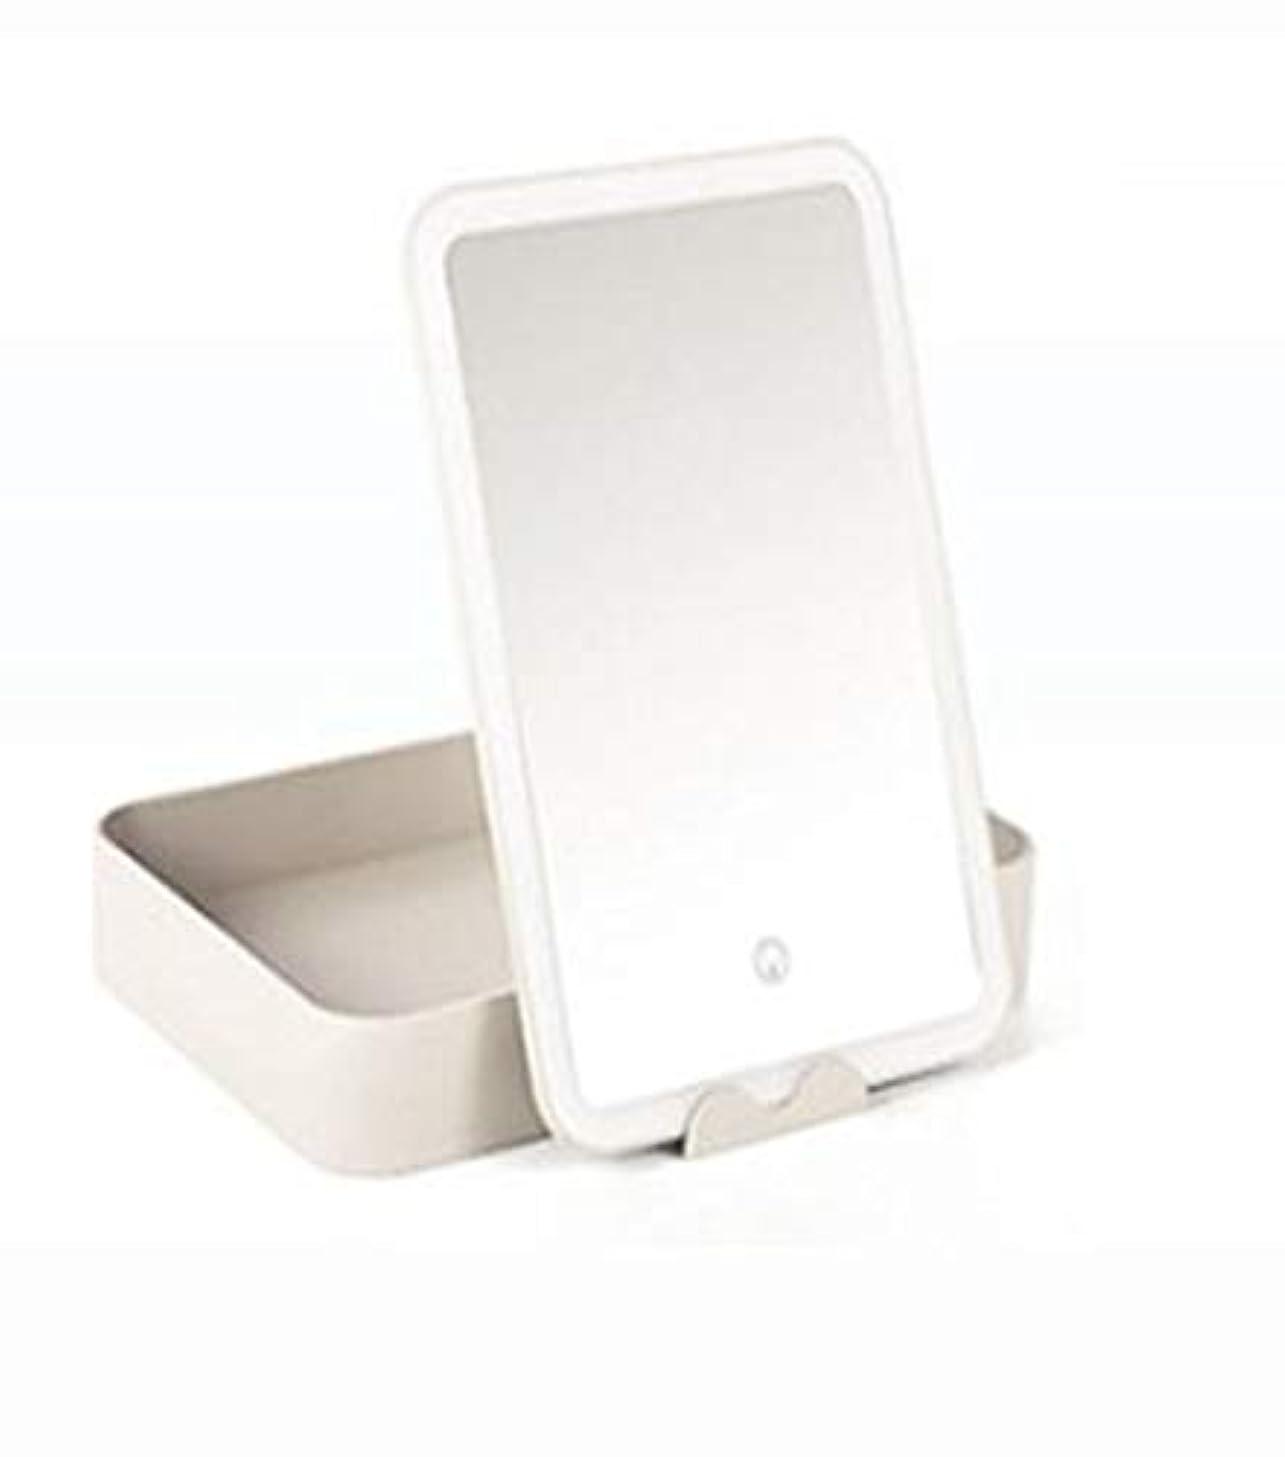 読書郵便物歴史的化粧鏡、大容量収納ボックス化粧ギフト付き白色LEDライト化粧鏡